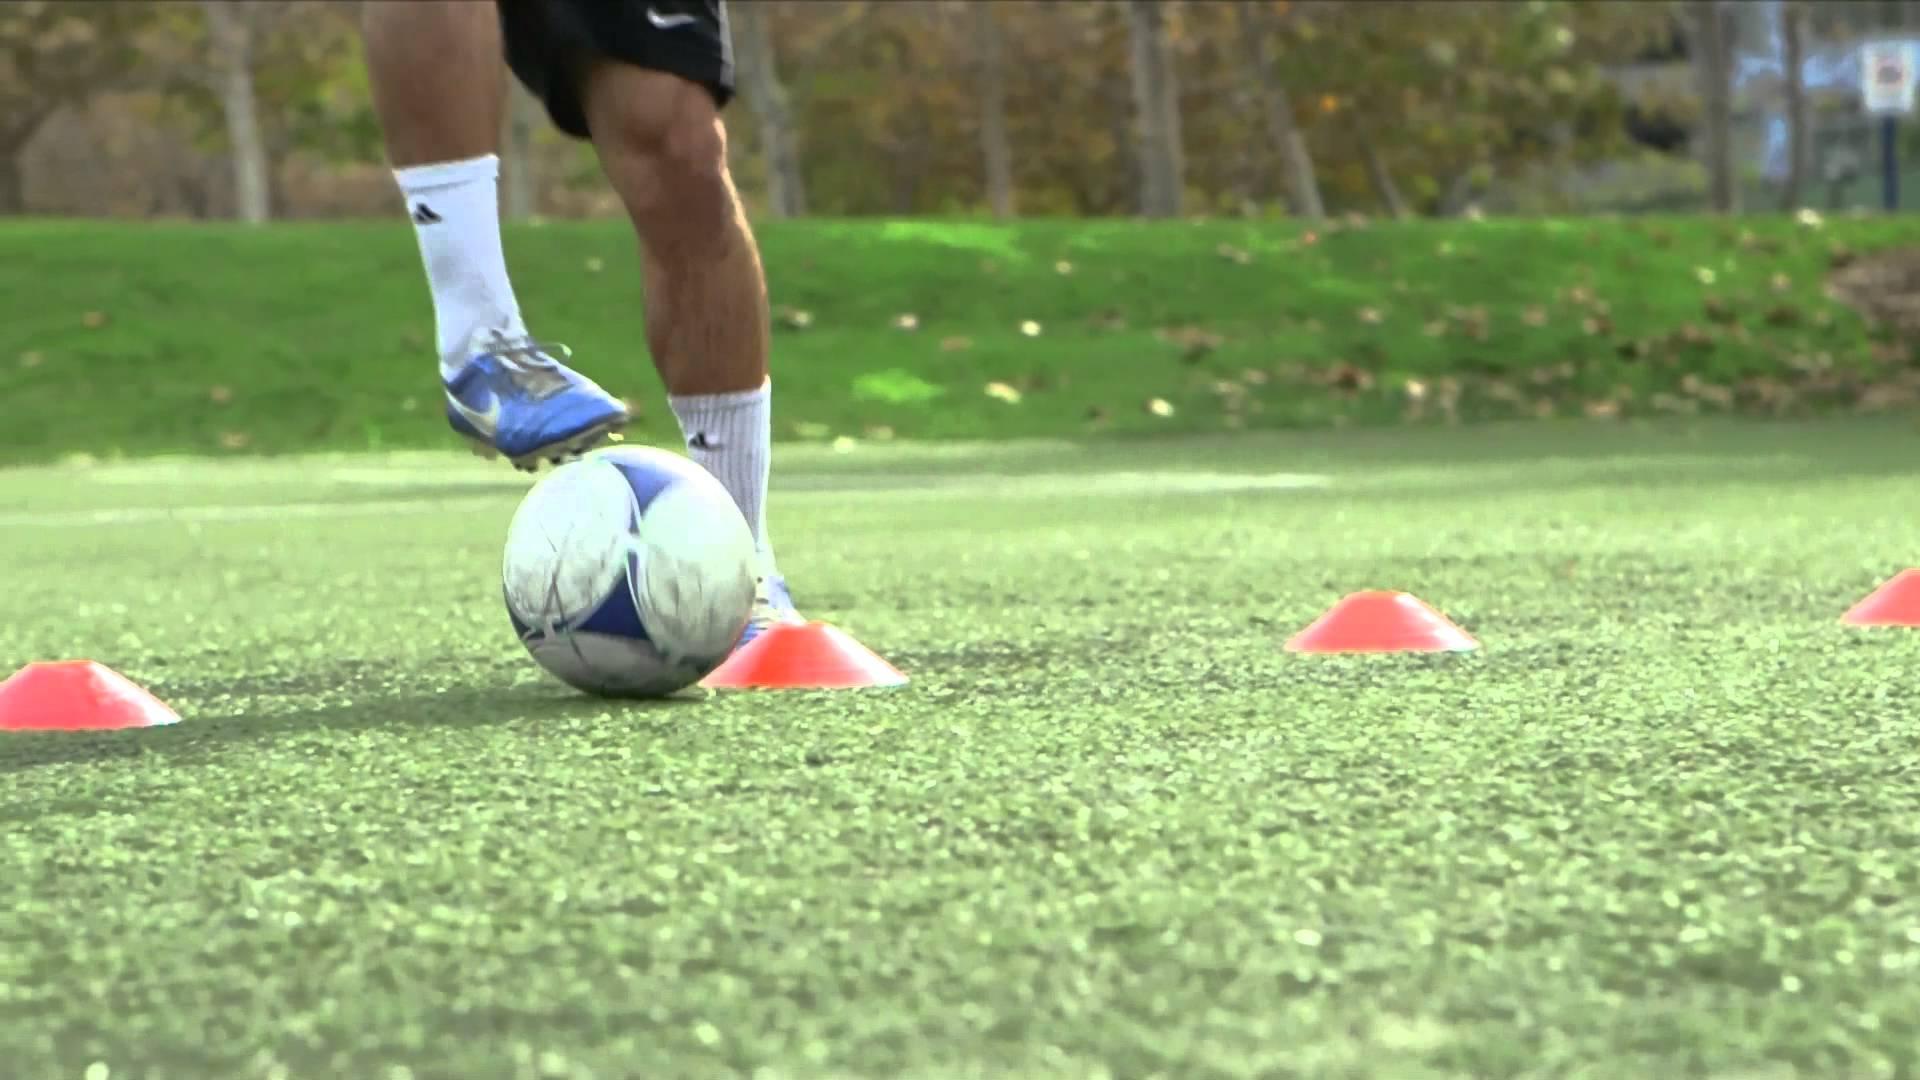 u00bflos futbolistas deben hacer entrenamiento hiit